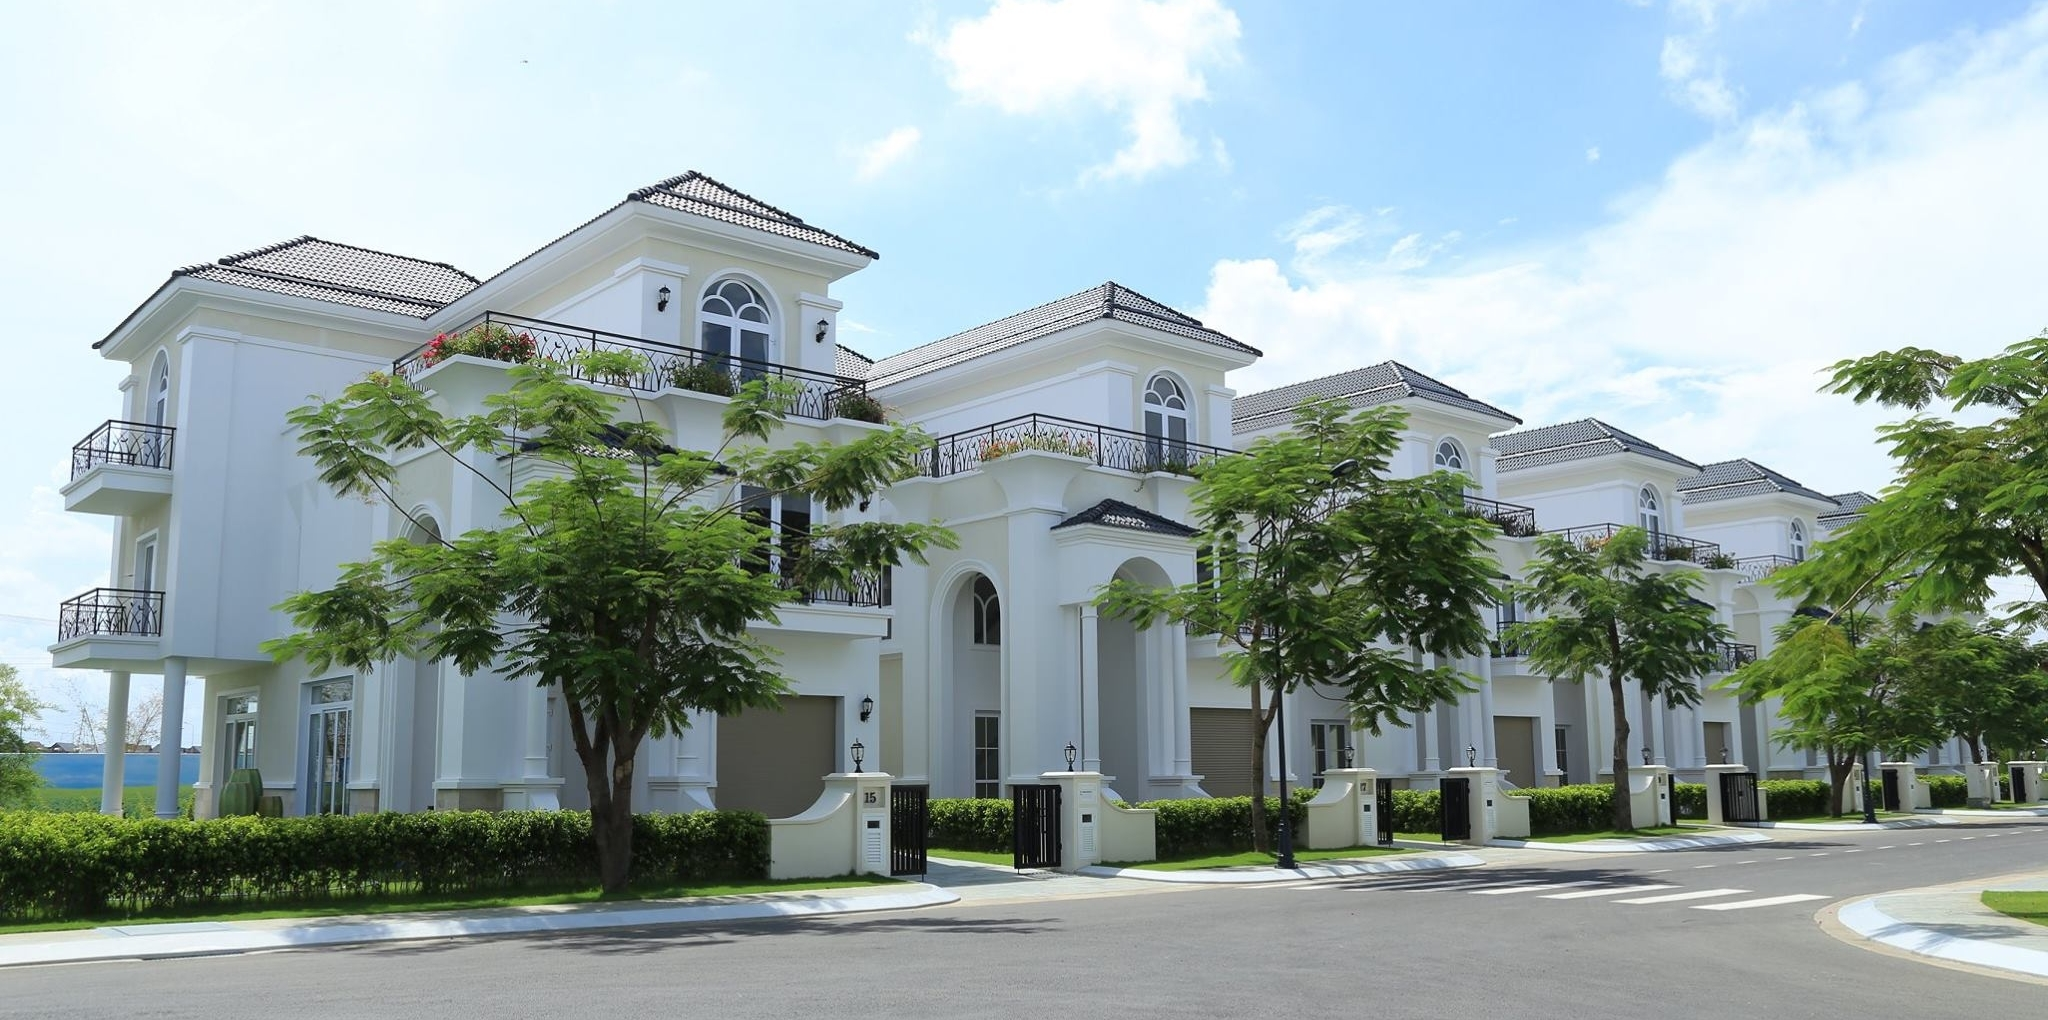 Thực tế mẫu nhà tại khu biệt thự cao cấp Khang Điền - The Venica